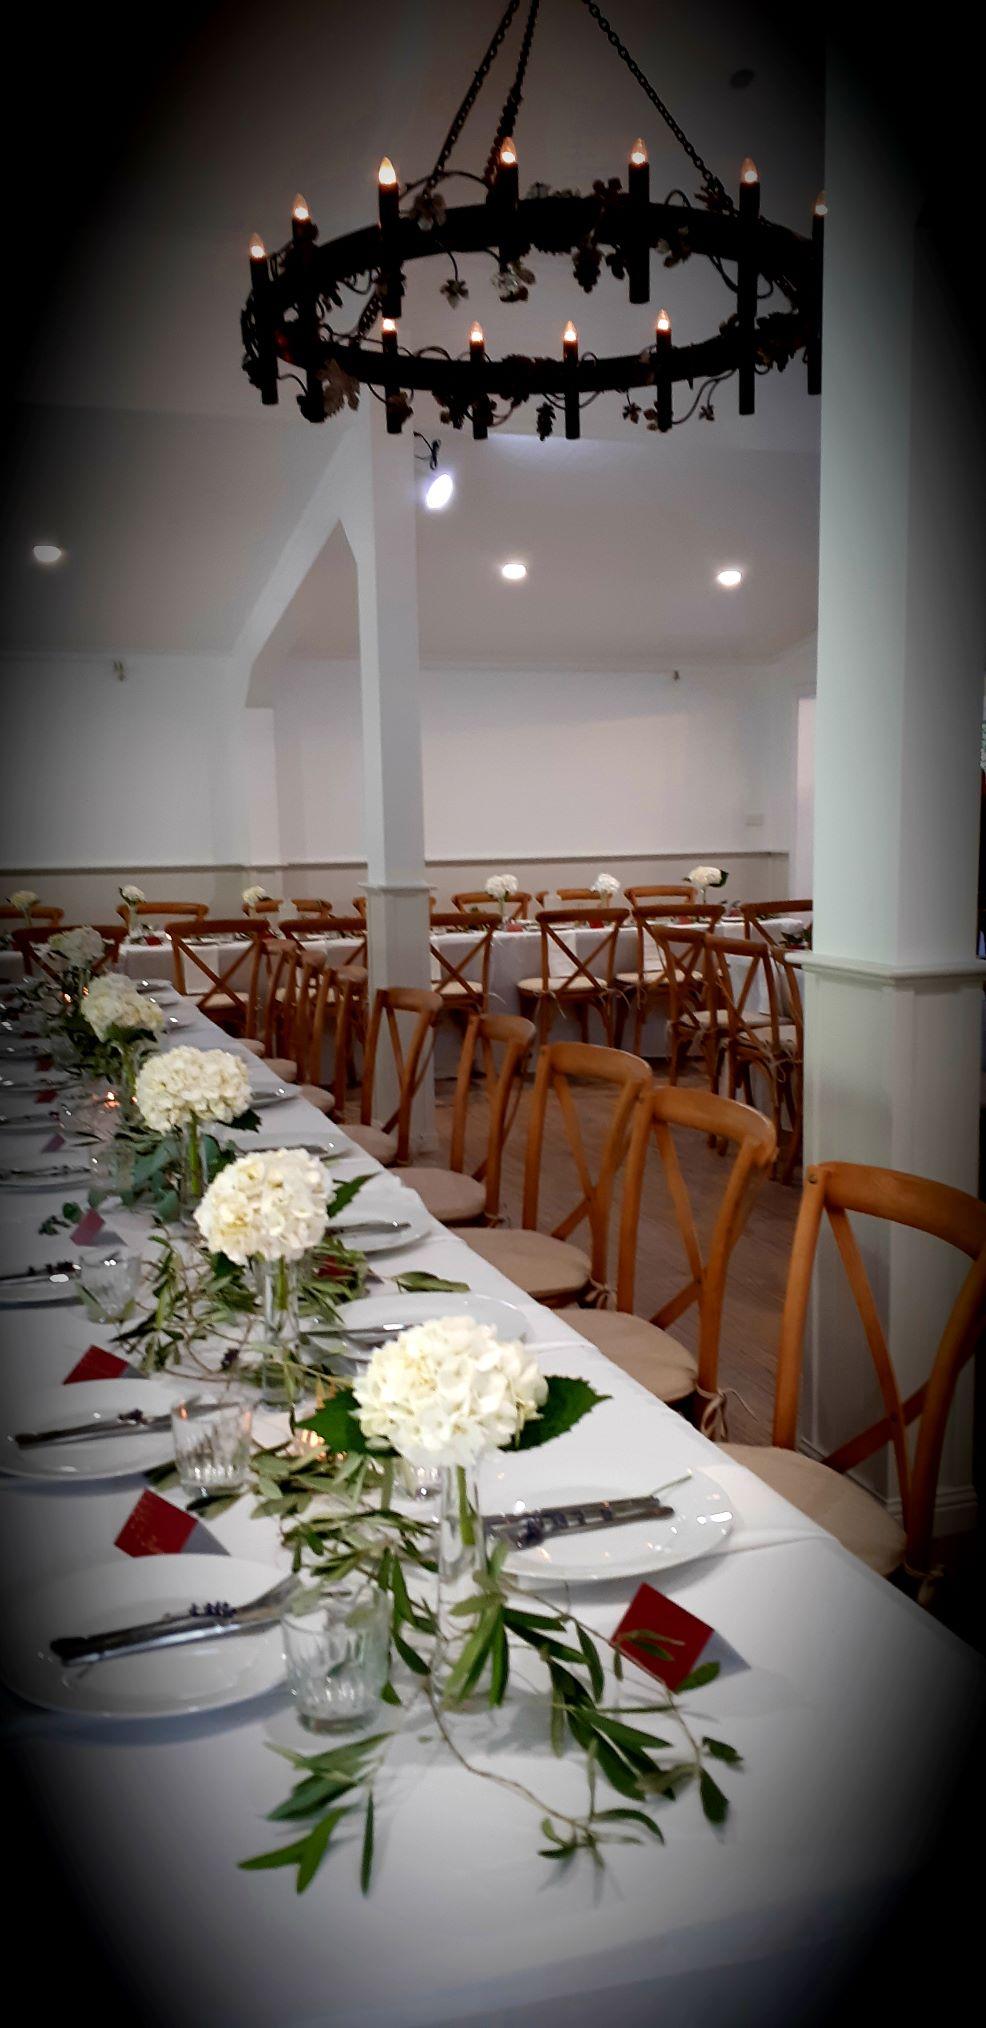 Ido, Ido Wedding Reception